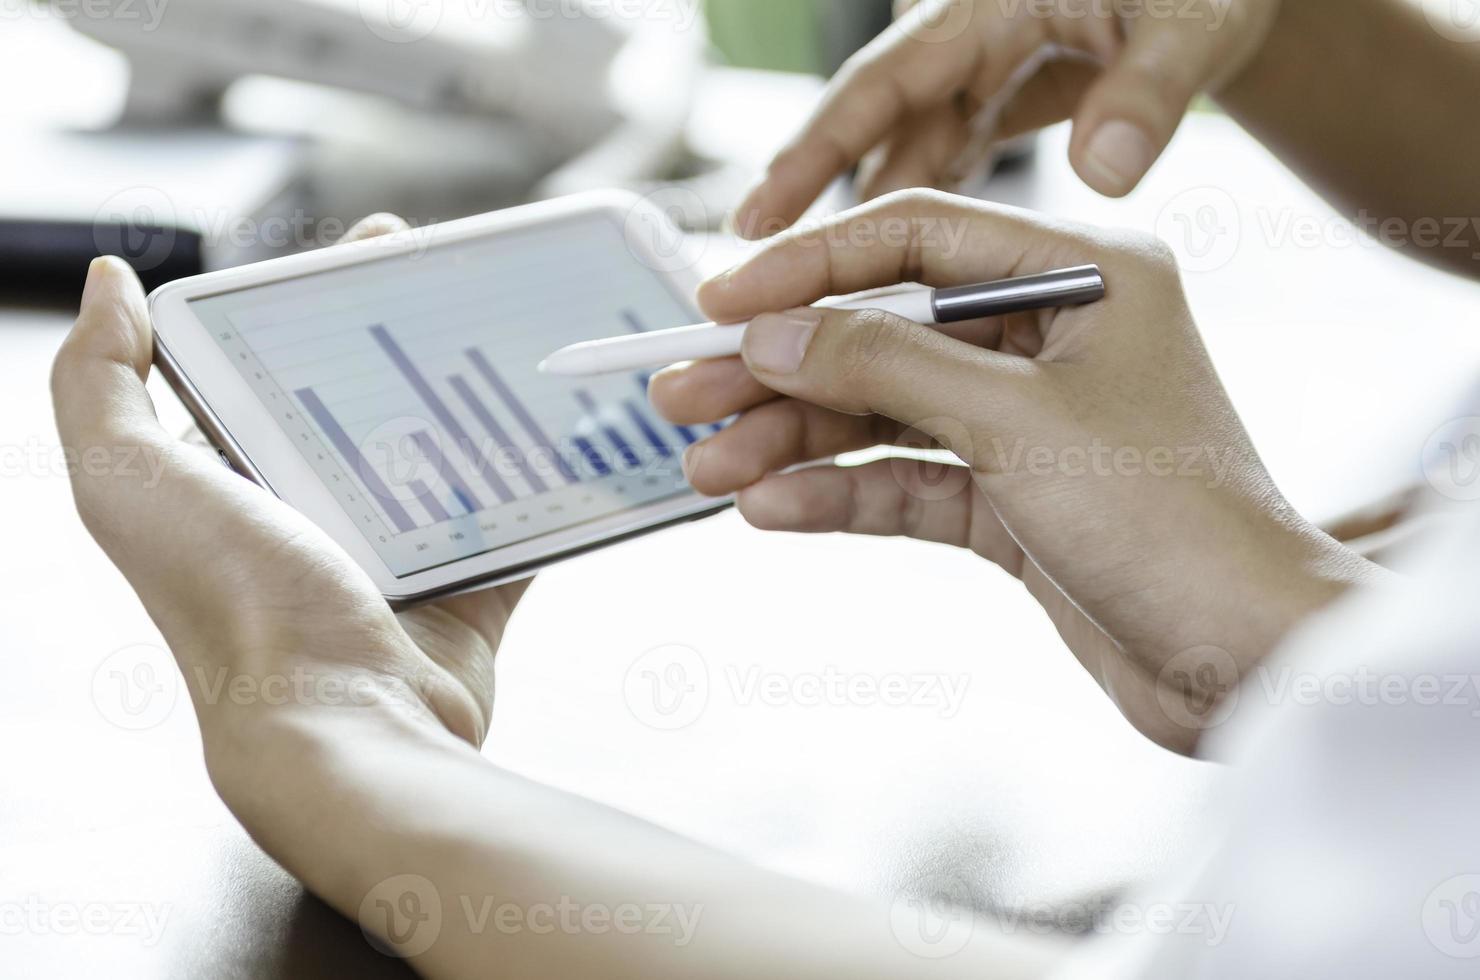 vrouwen met behulp van tablet met stylus pen foto